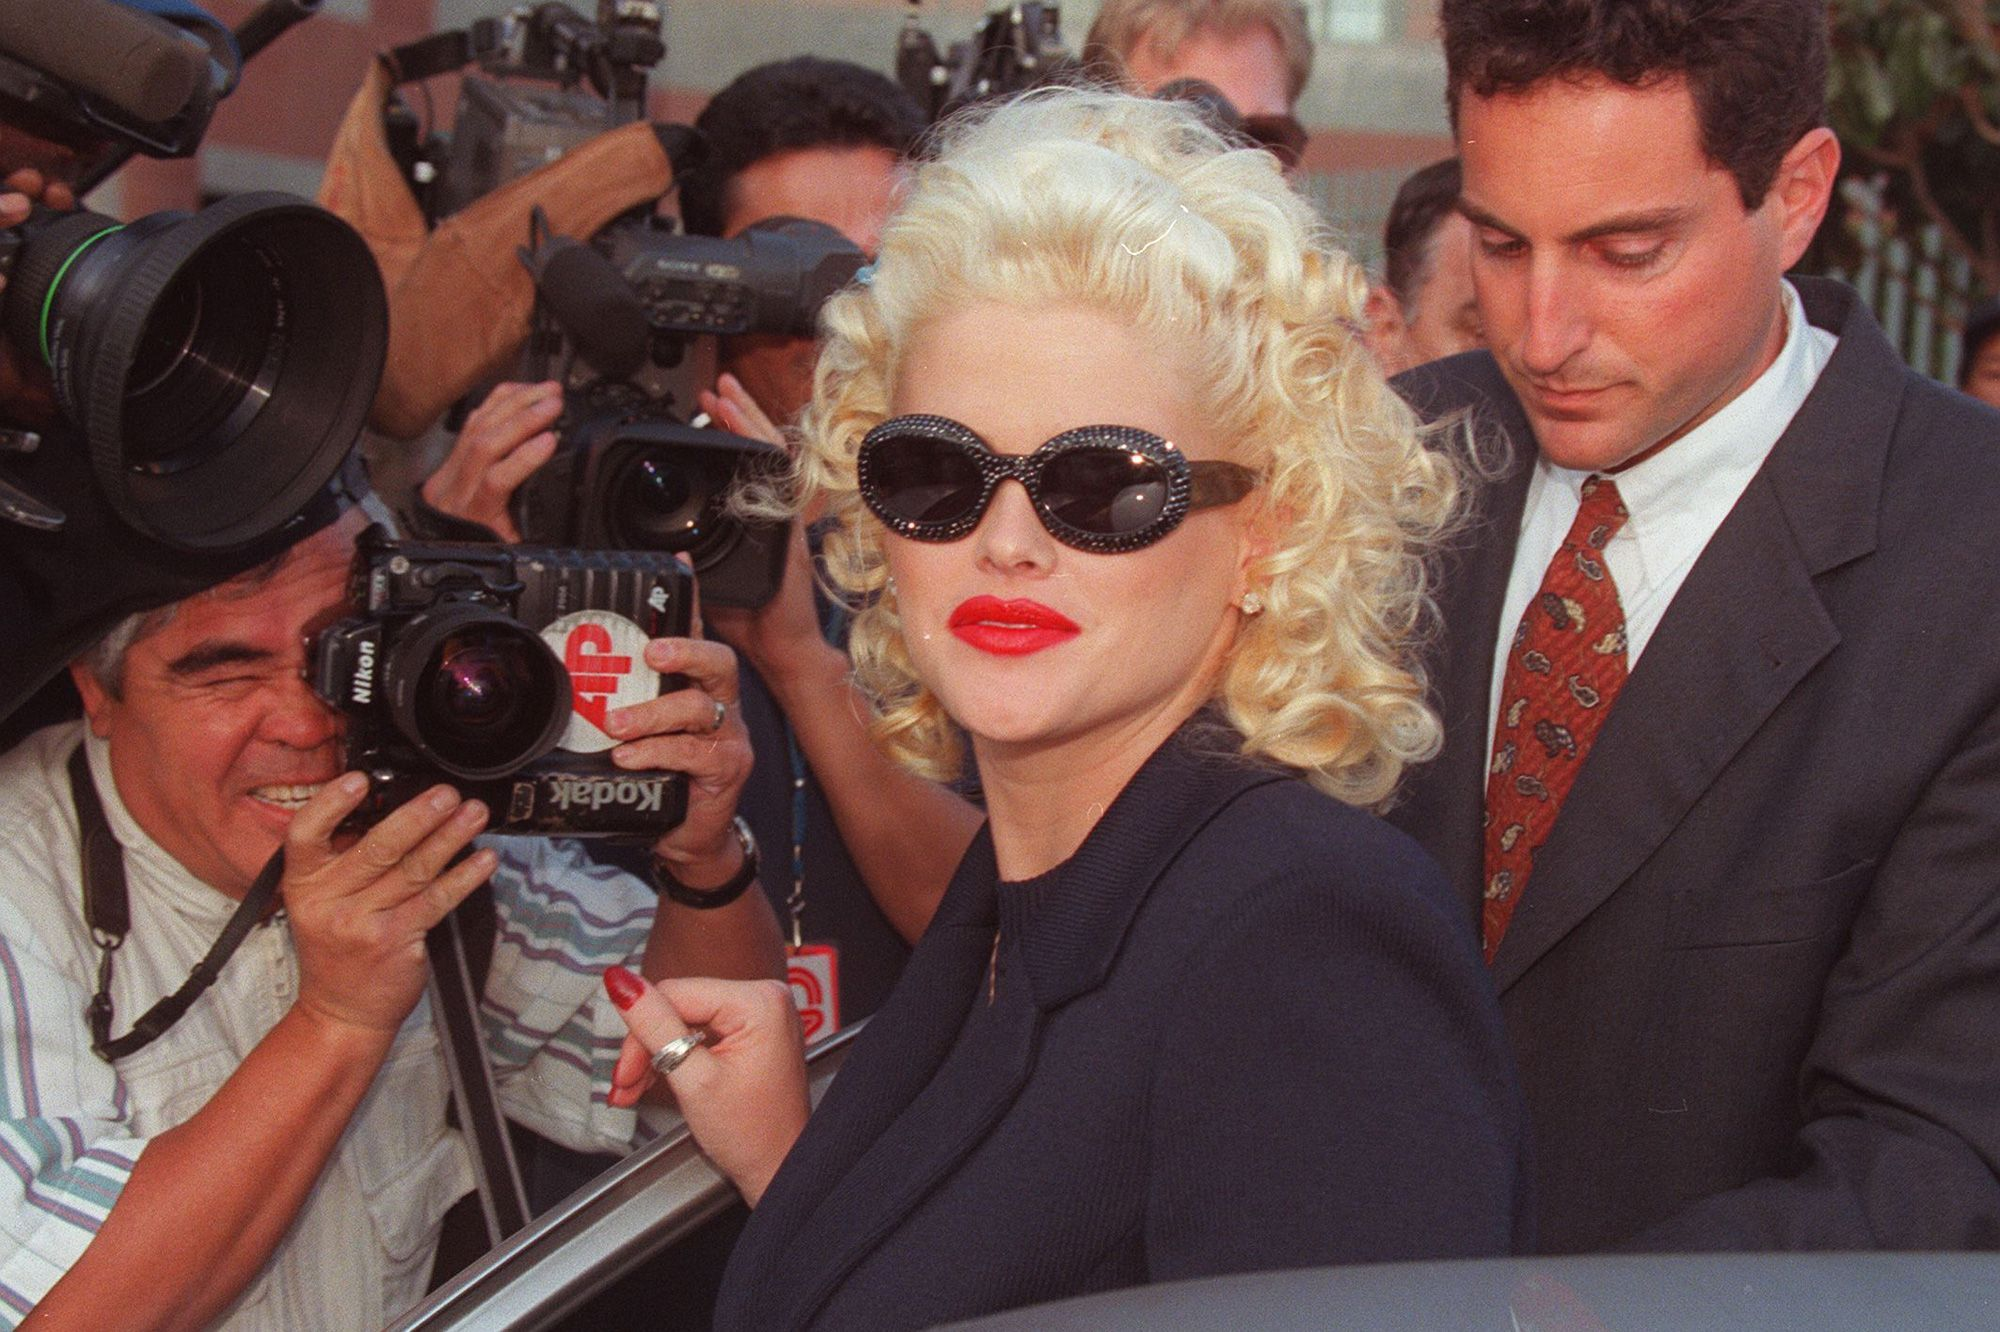 Il y a 10 ans, Anna Nicole Smith mourrait tragiquement